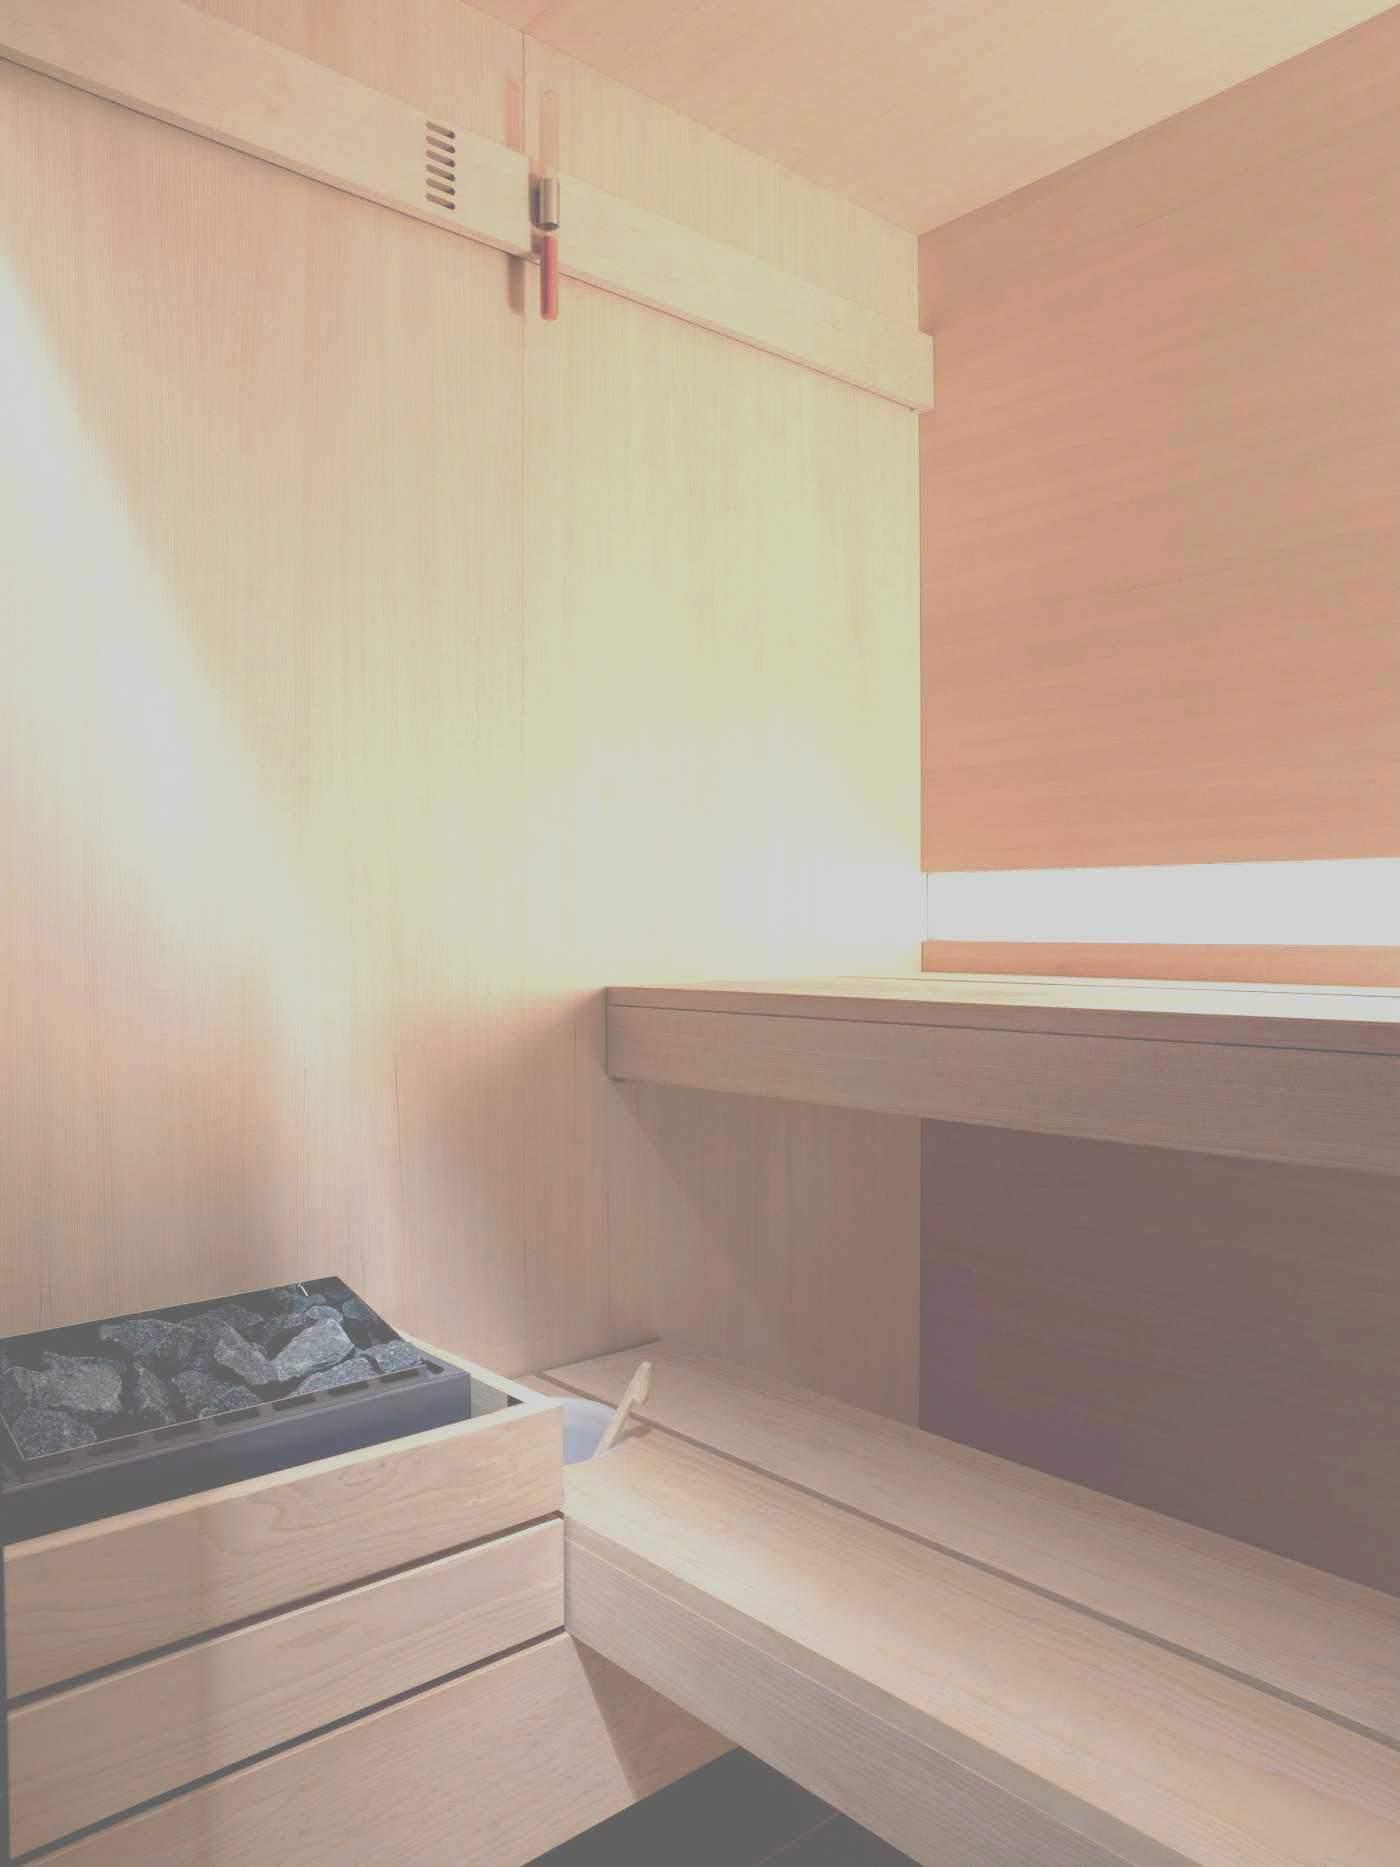 sauna im garten reizend 40 konzepte galerie von garten eden sauna of sauna im garten